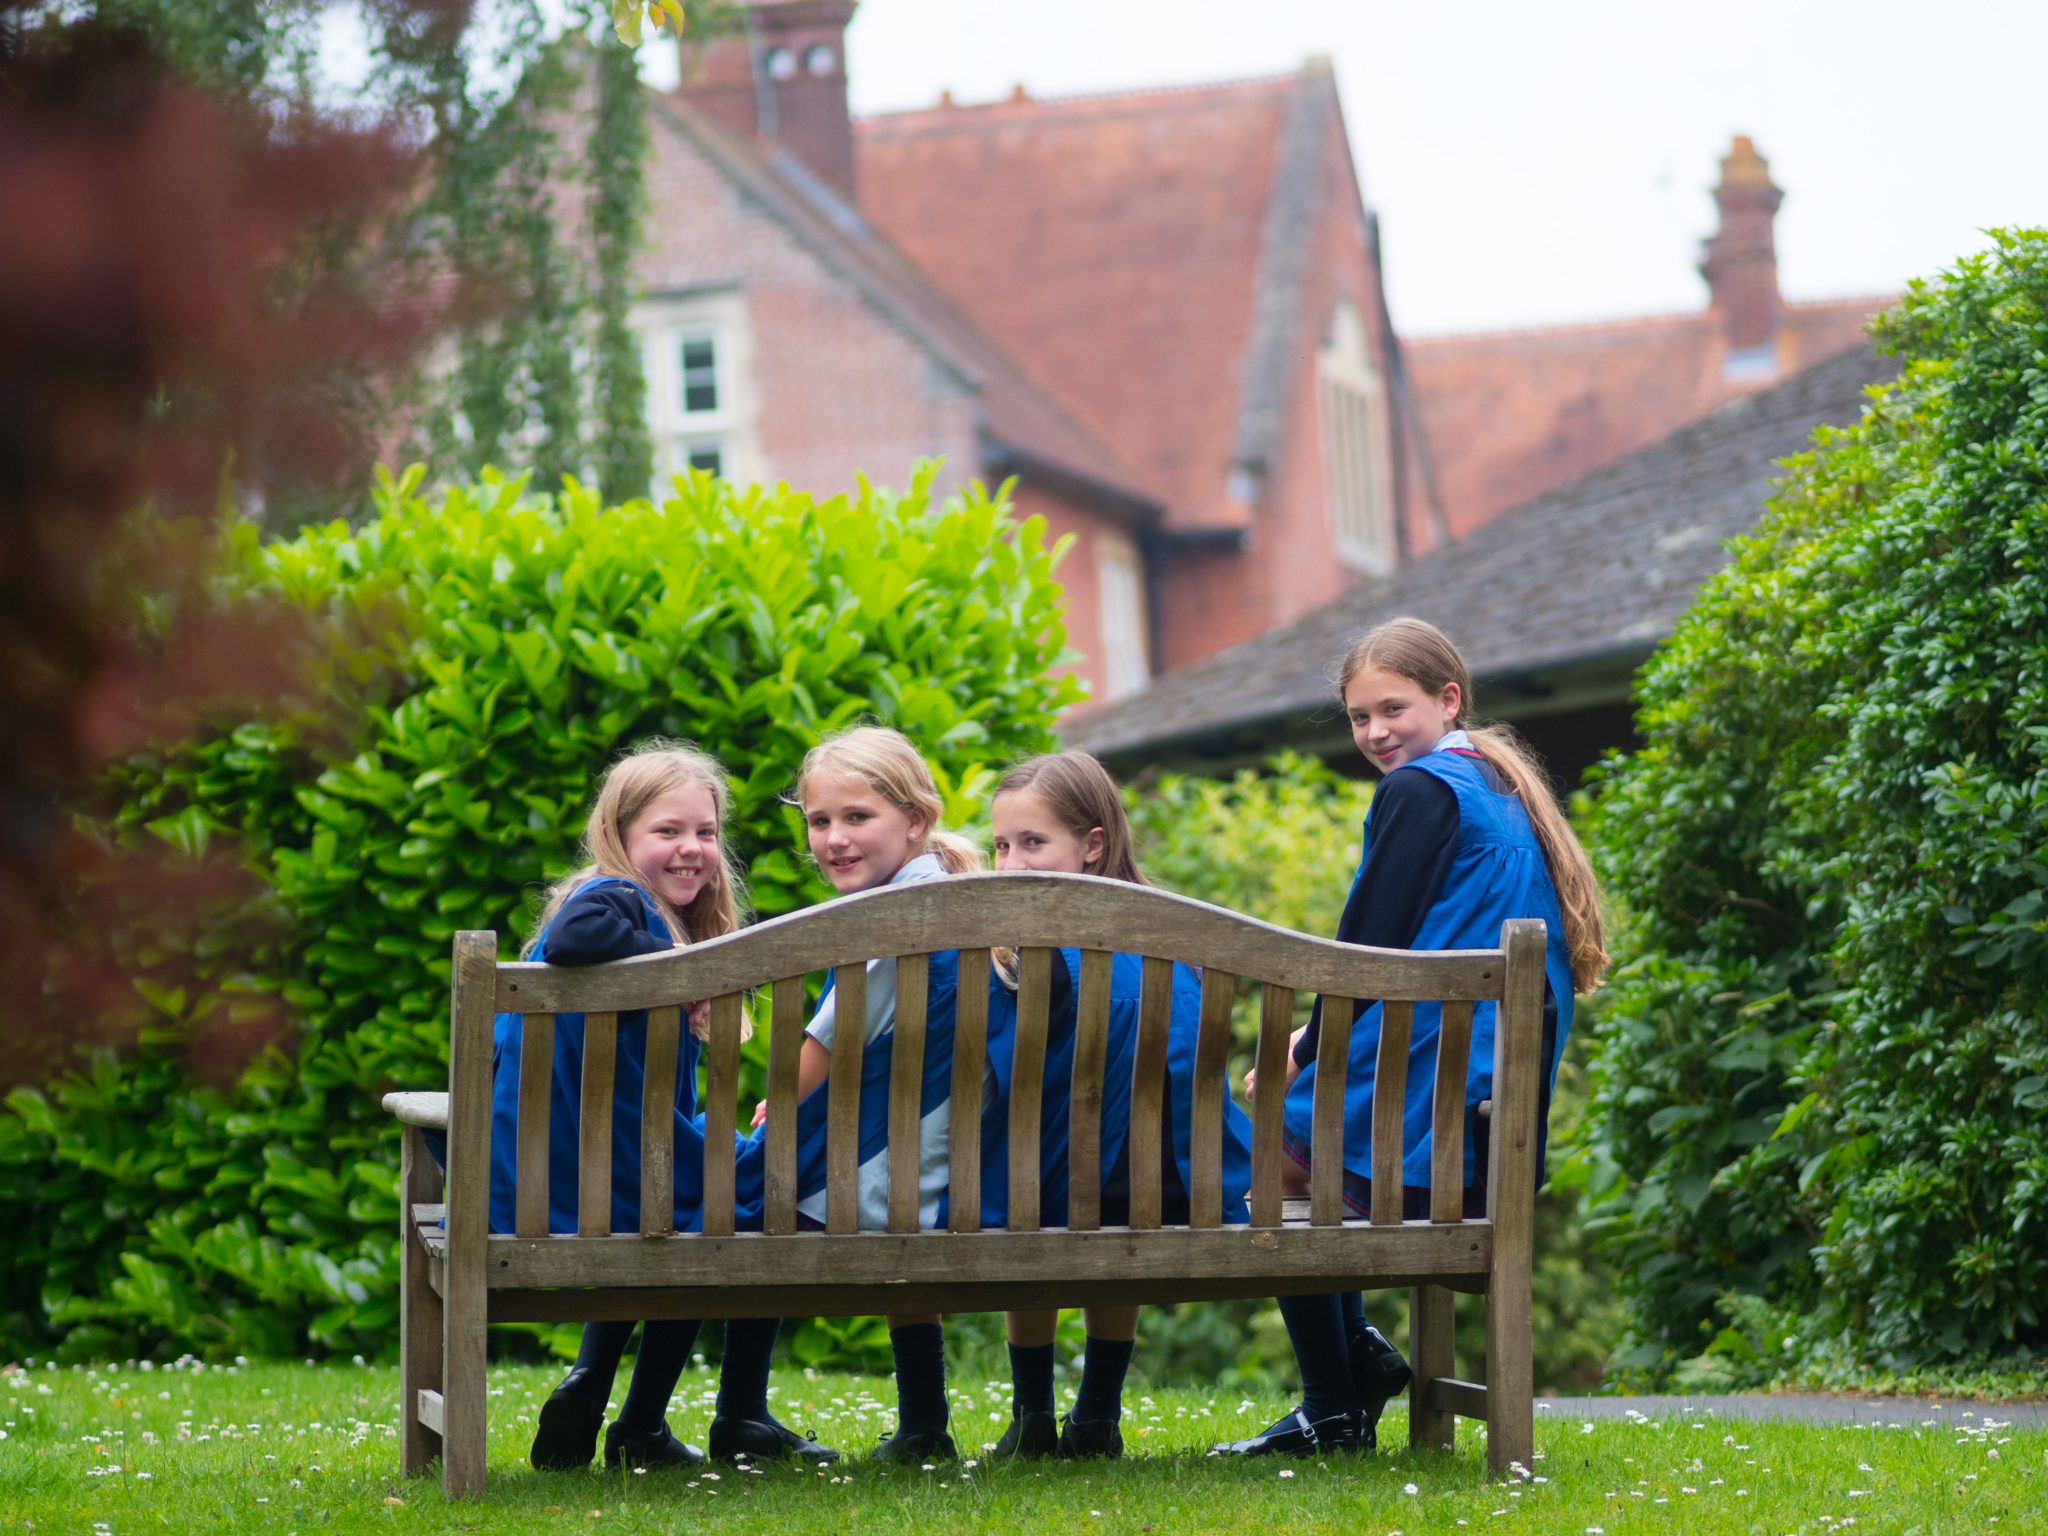 Girls On Bench